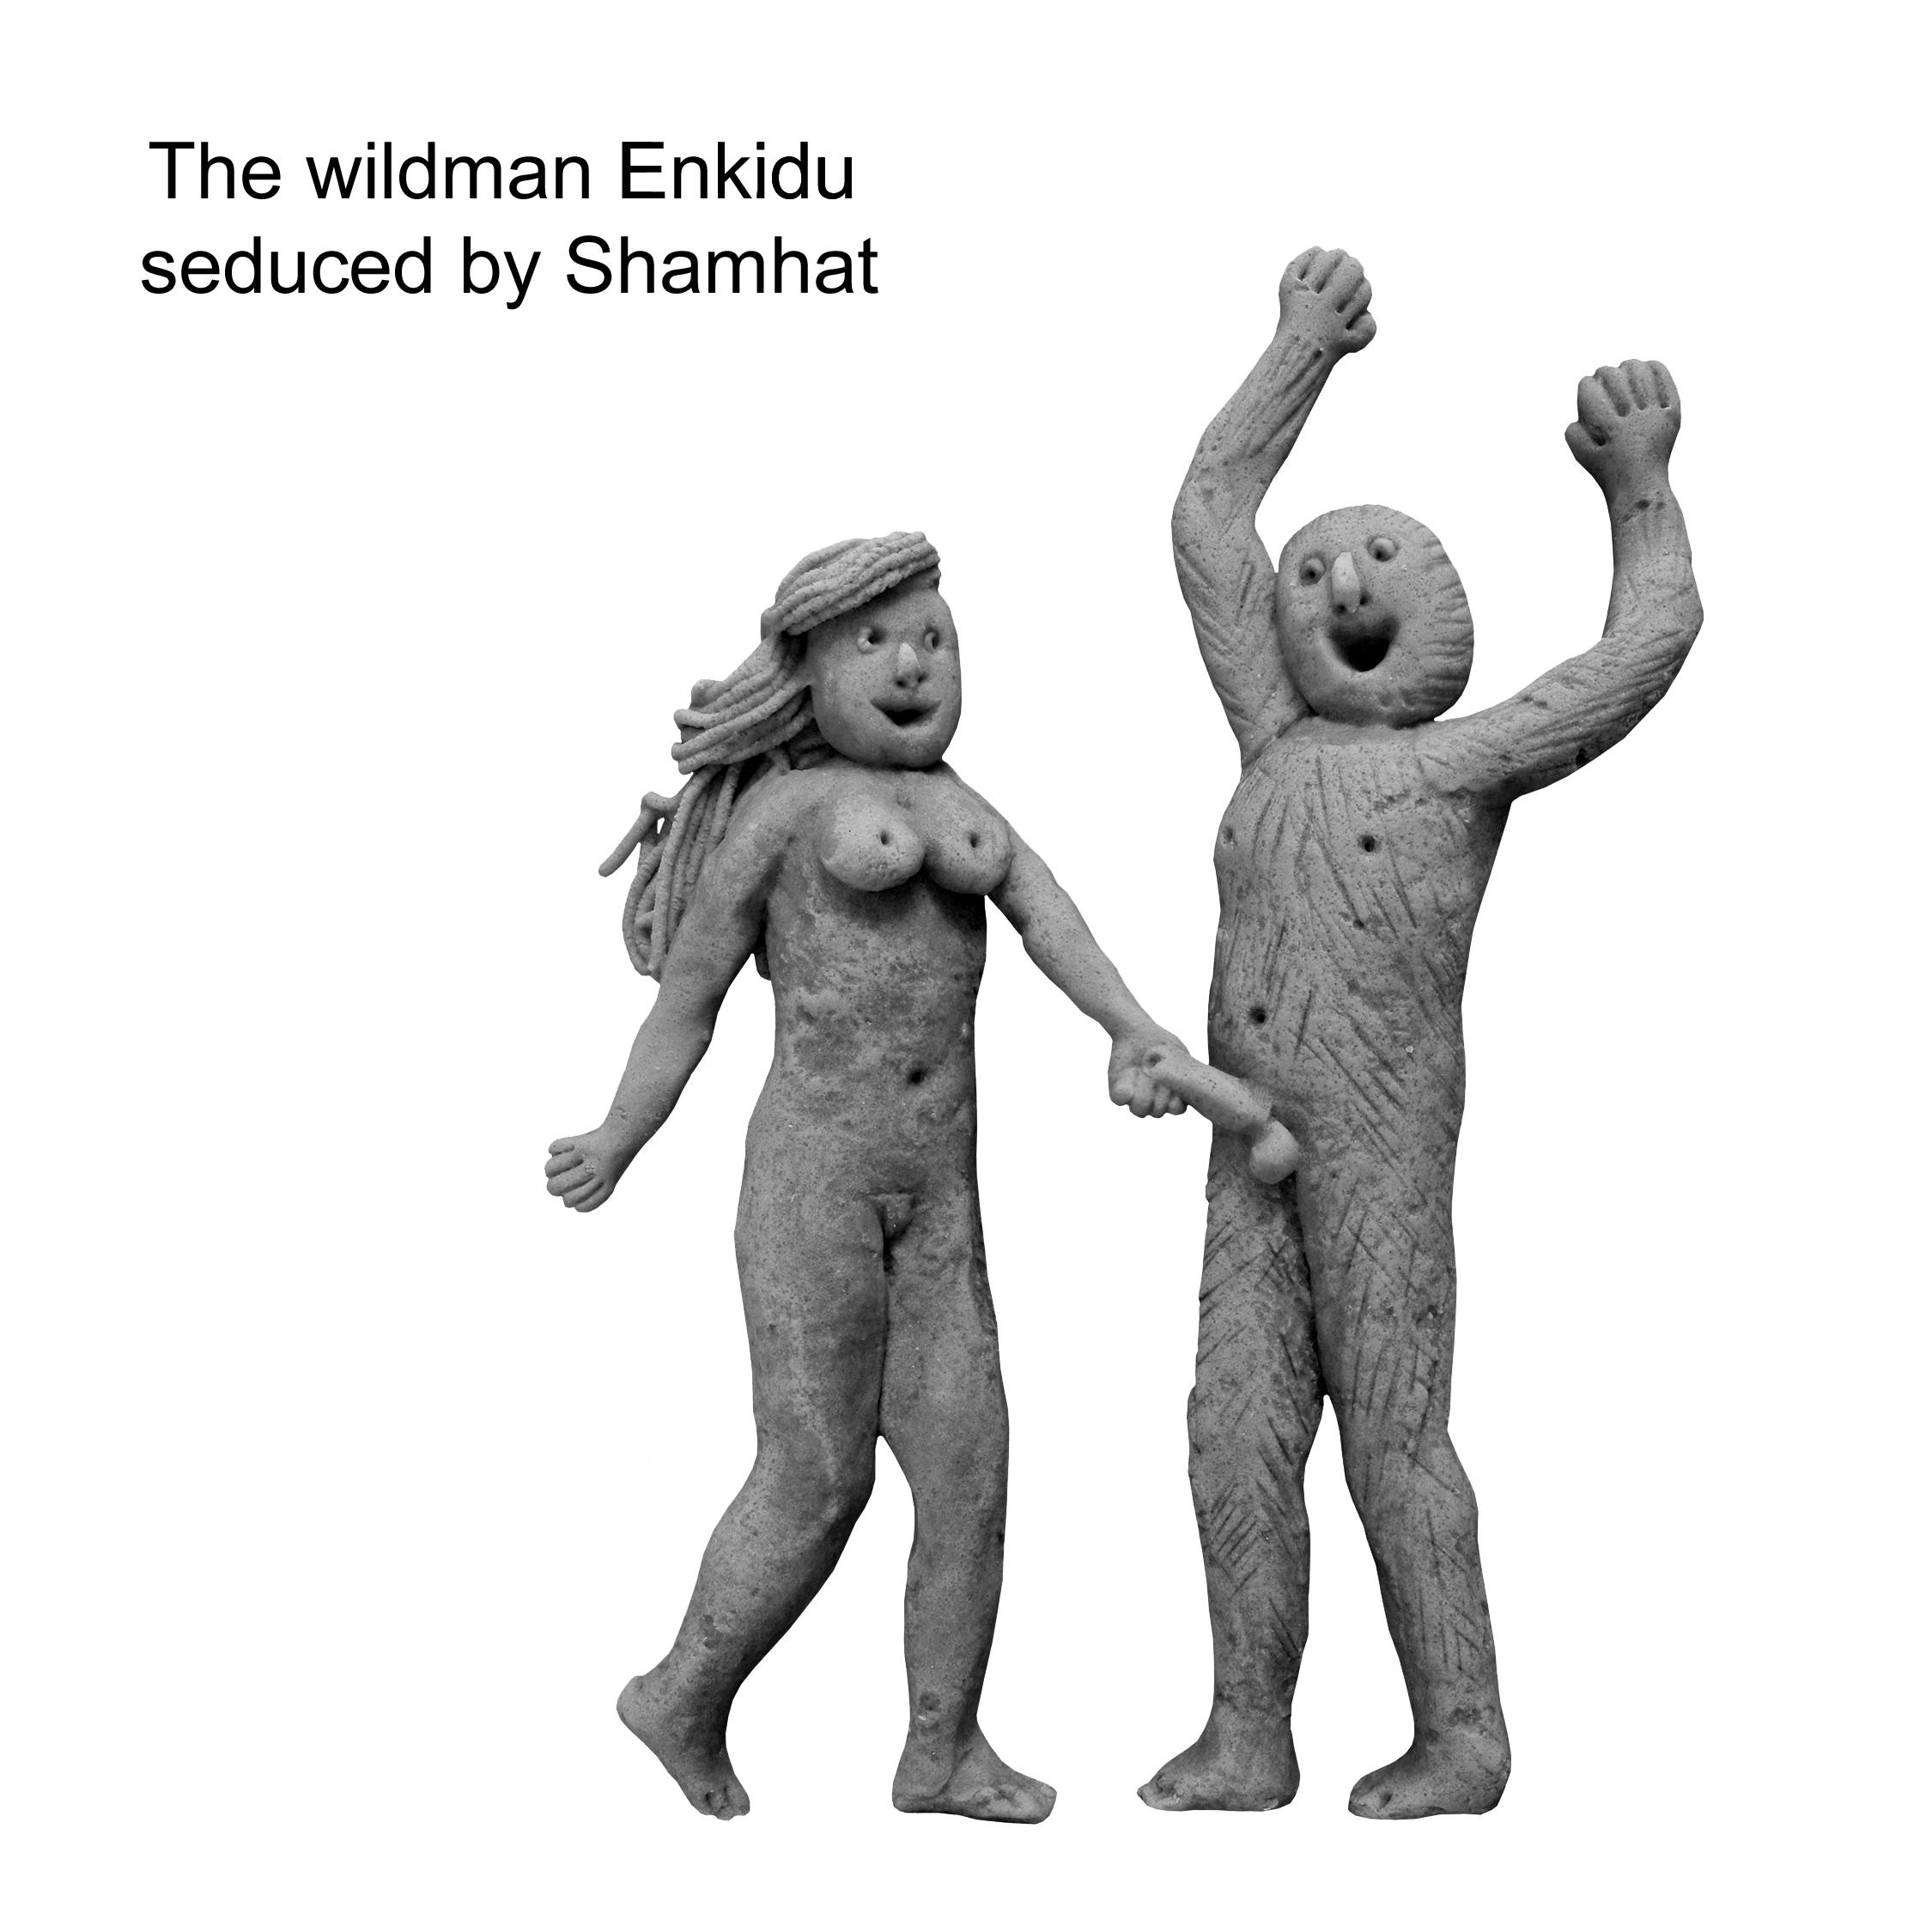 seducing eknidu copy.jpg